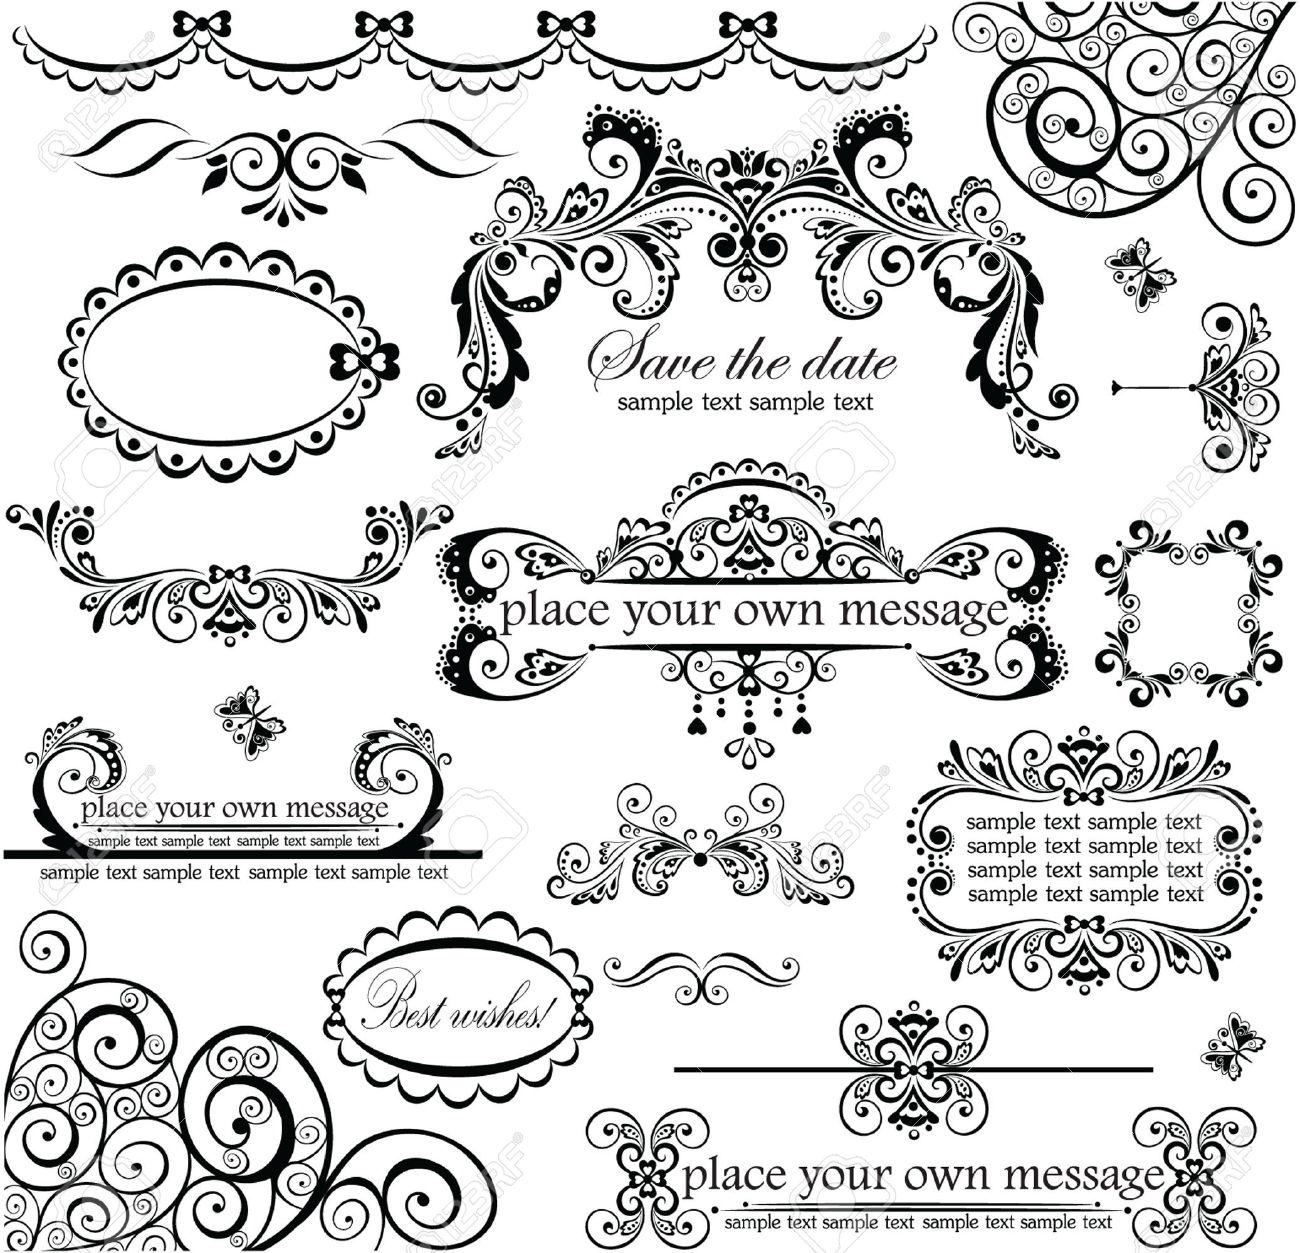 resume border clipart vector feather gold frame antique images vintage wedding clip art wedding design wedding design set stock